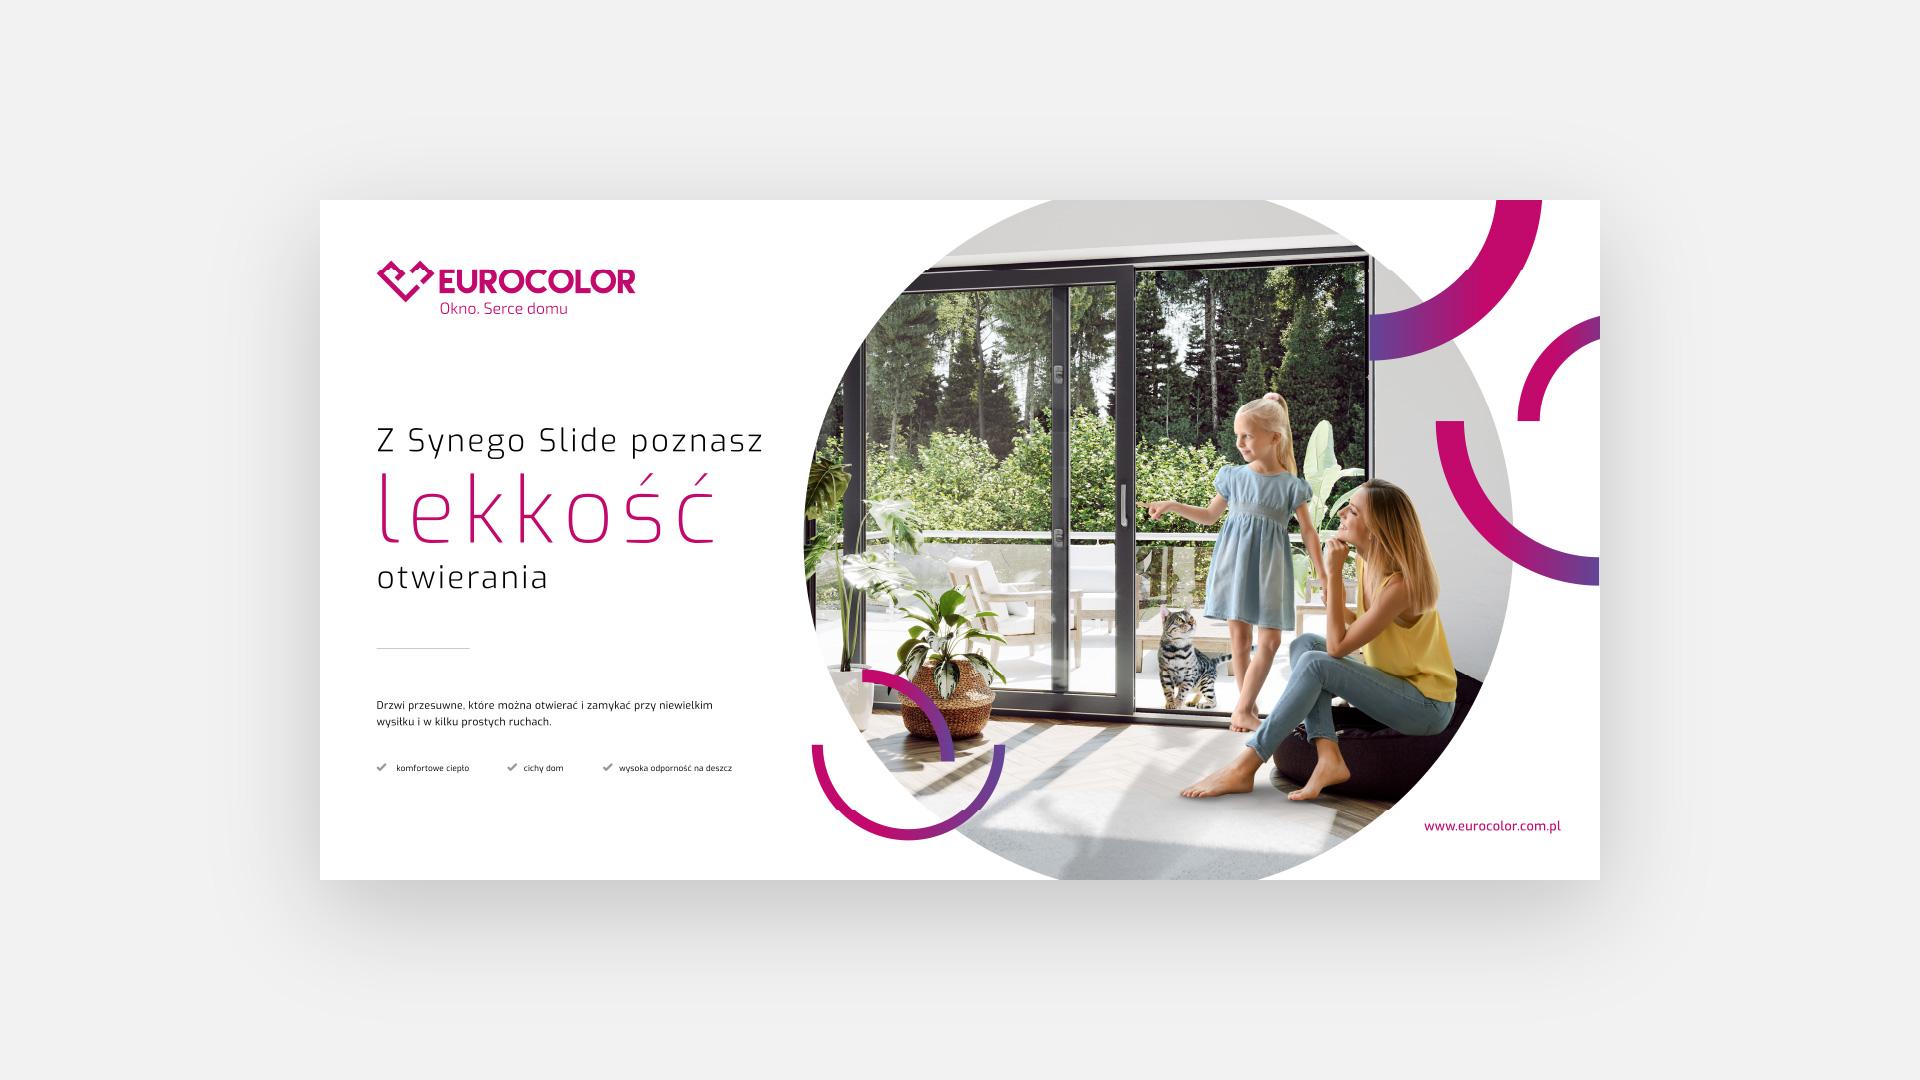 KV drzwi Eurocolor